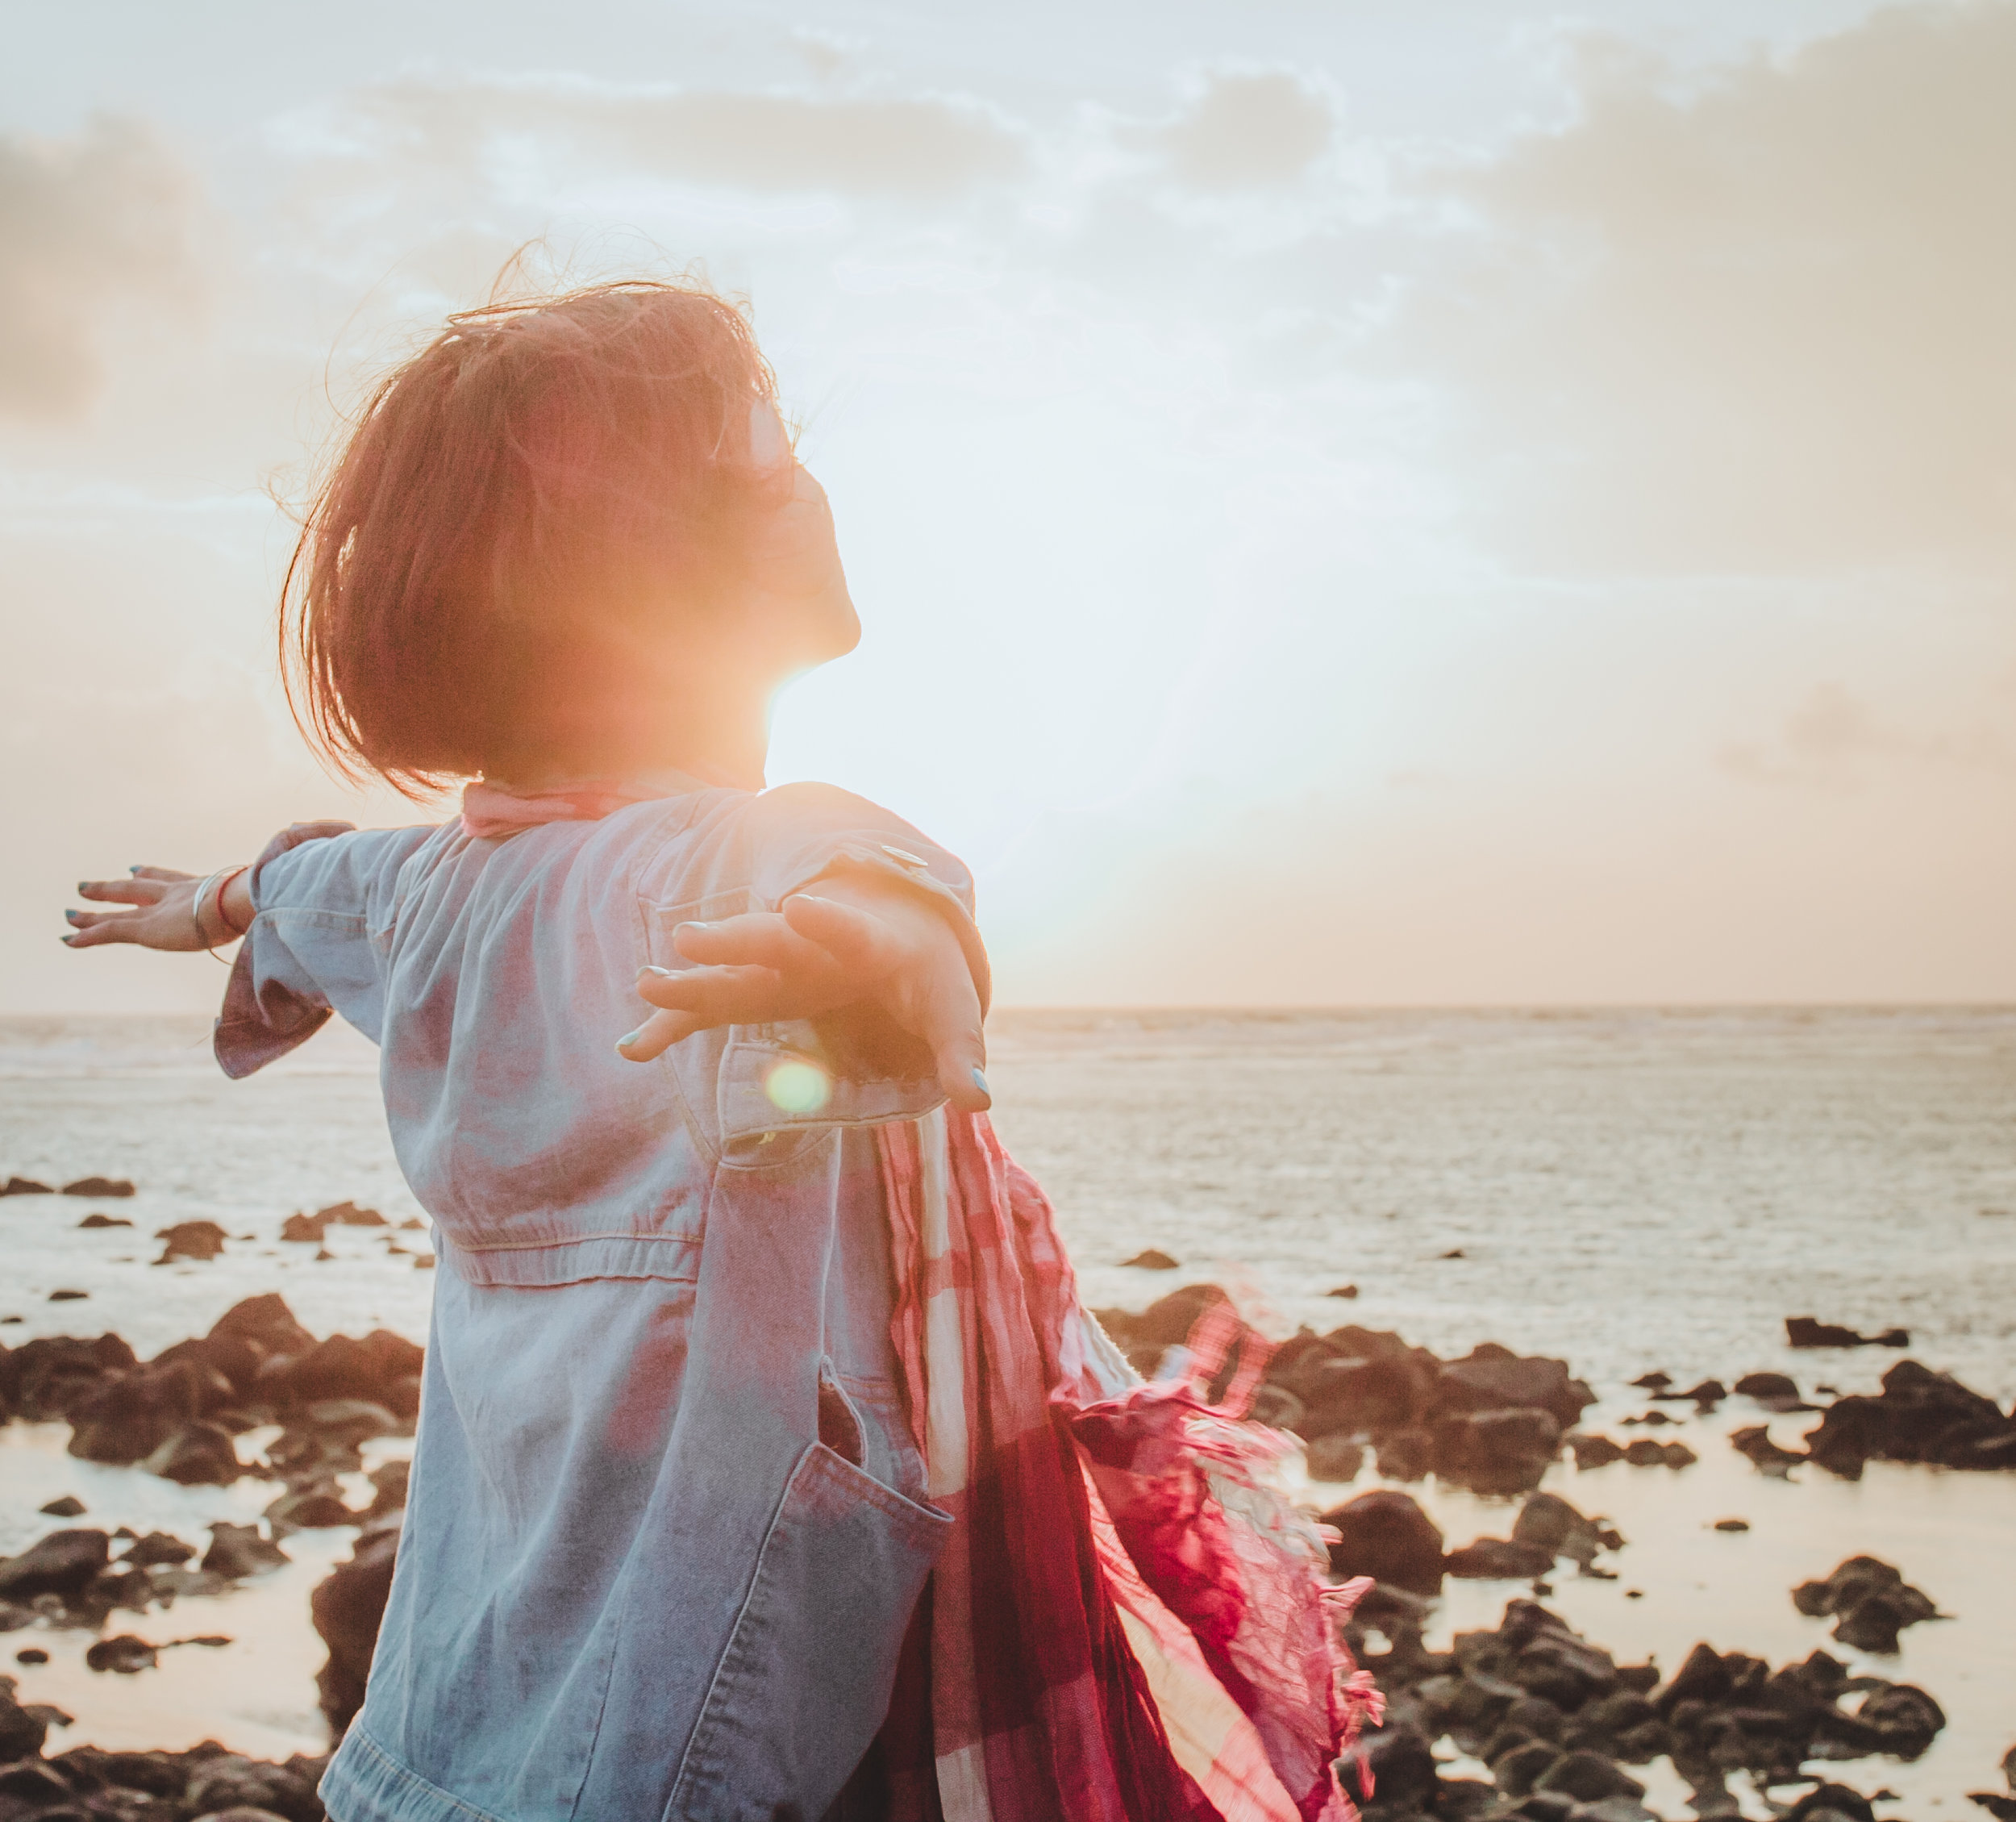 fleet and flower essential oils doterra childrens' mindfulness teacher